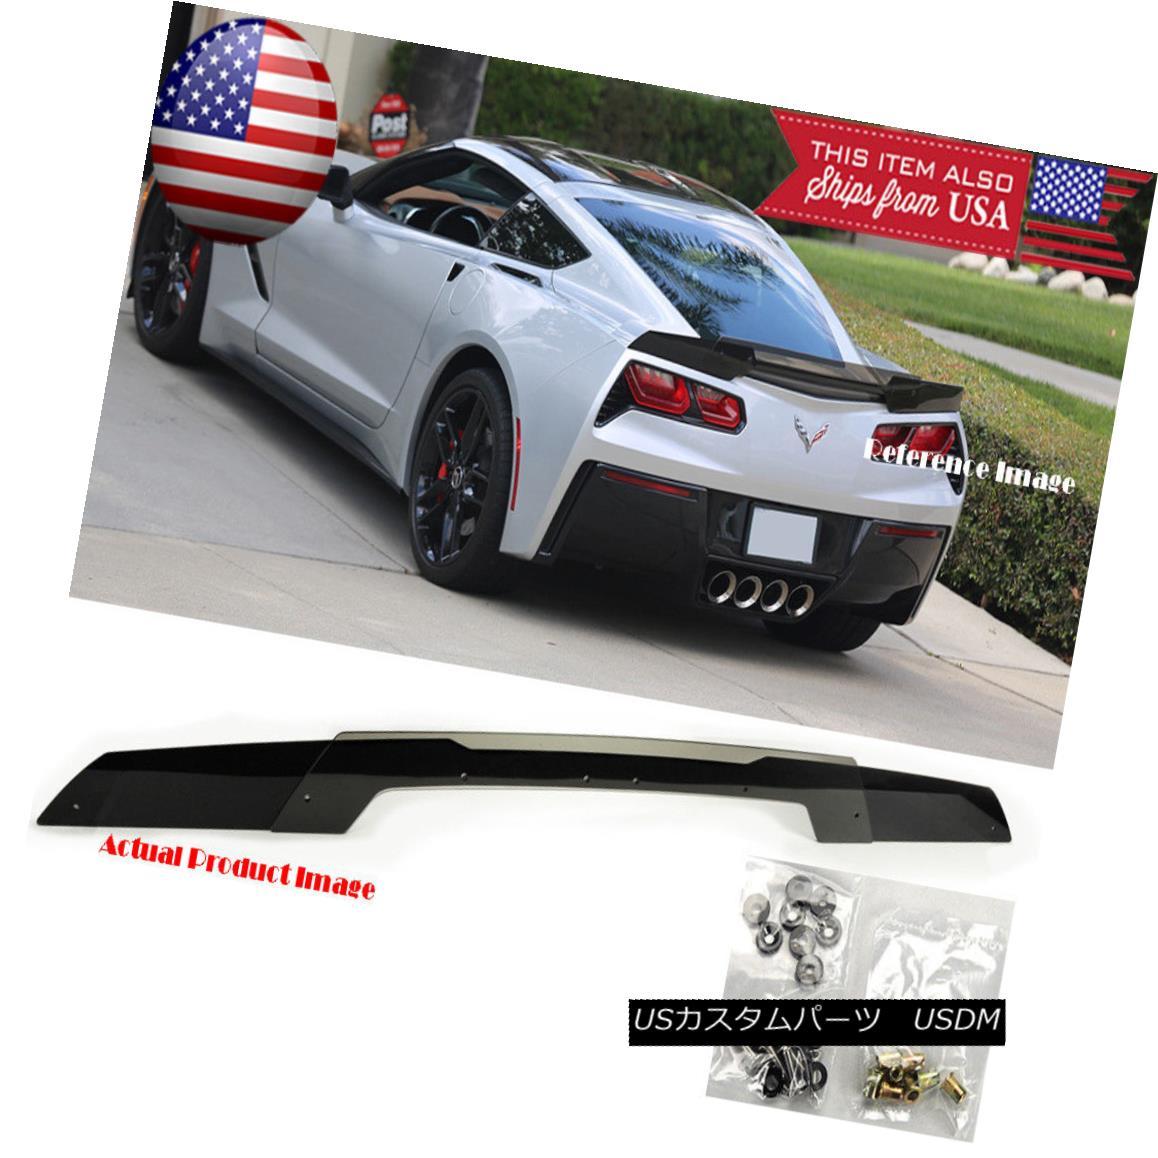 エアロパーツ Rear Trunk Wing Spoiler Gurney Flap Wicker bill For 14-Up Corvette C7 Stingray 後部トランクウィングスポイラーガーニーフラップWicker bill for 14-UpコルベットC7スティングレー